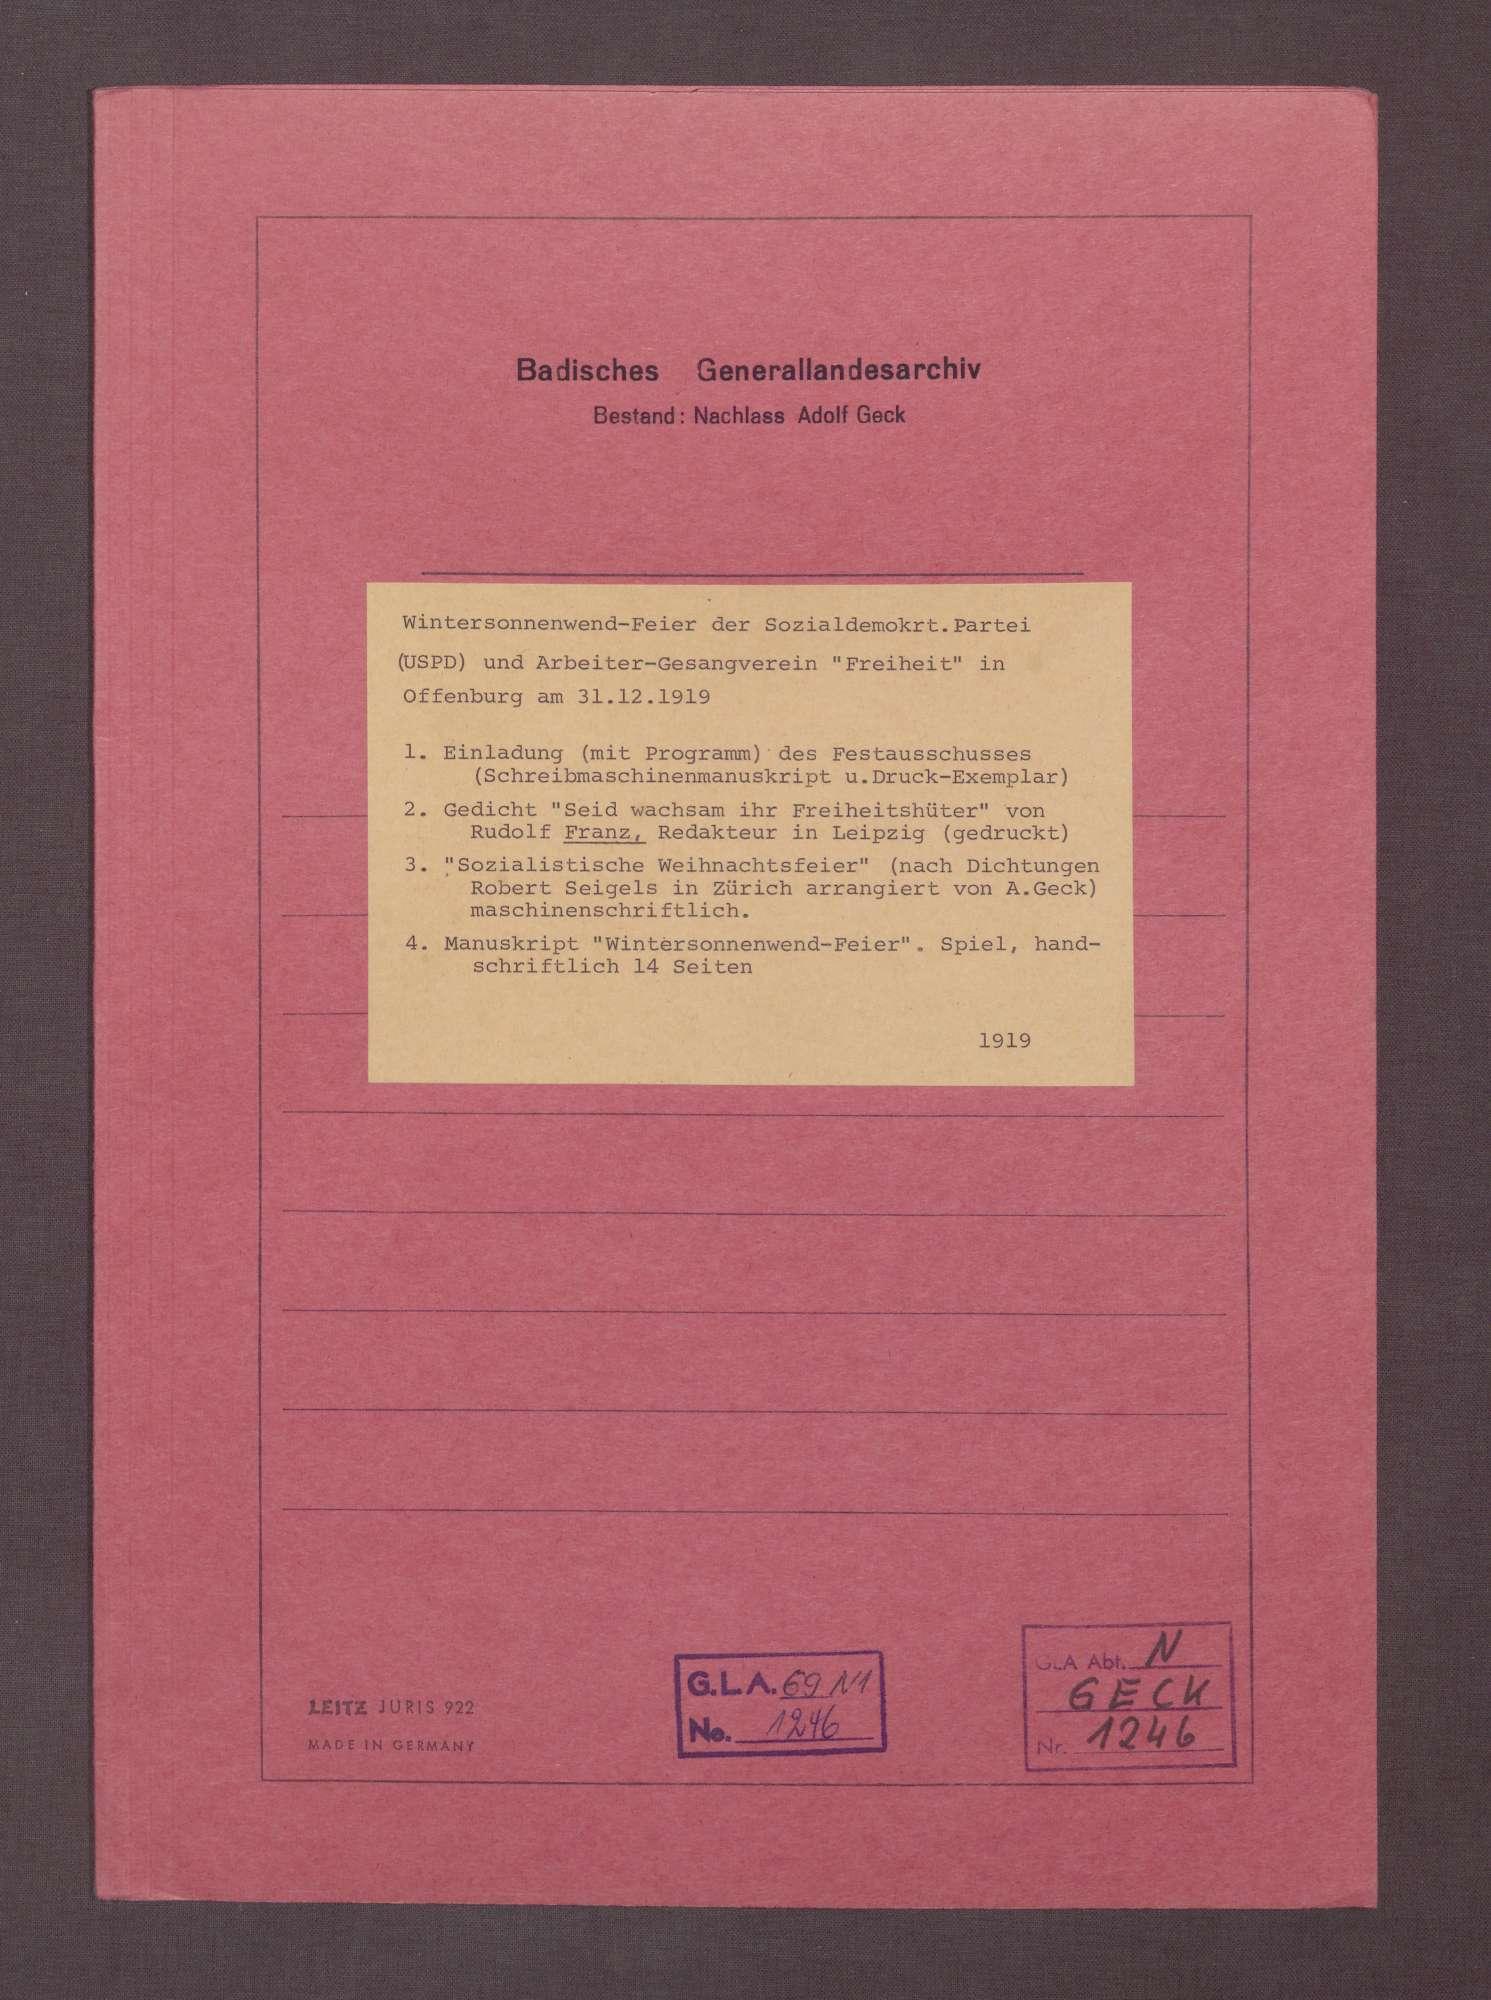 Einladung (mit Programm) des Festausschusses (Typoskript und Druckexemplar), Bild 1